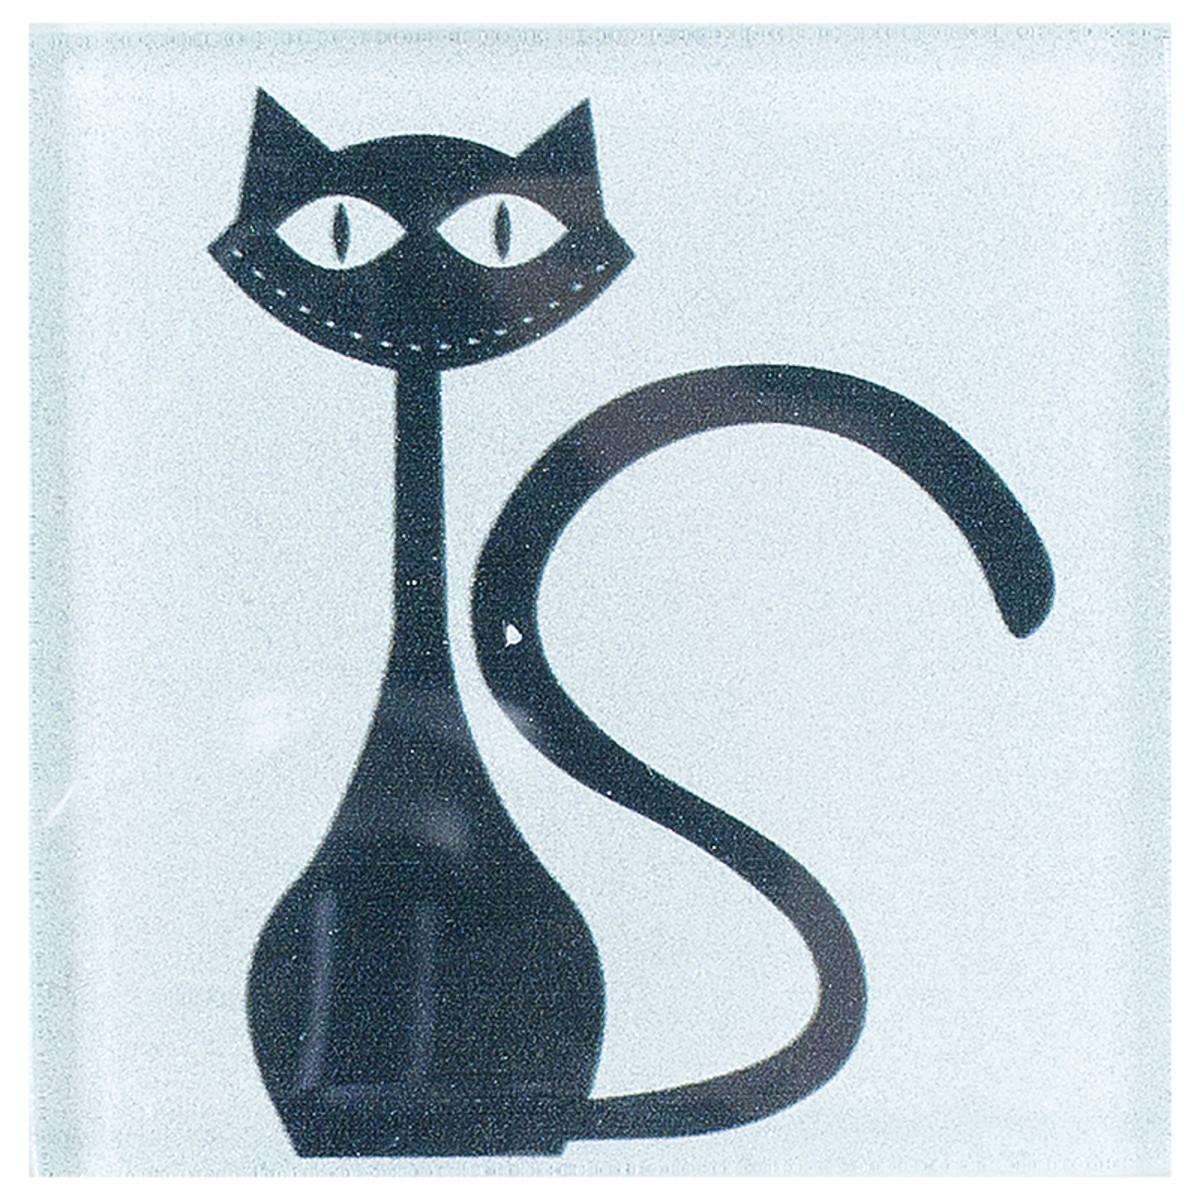 Black cat 2 10x10 см